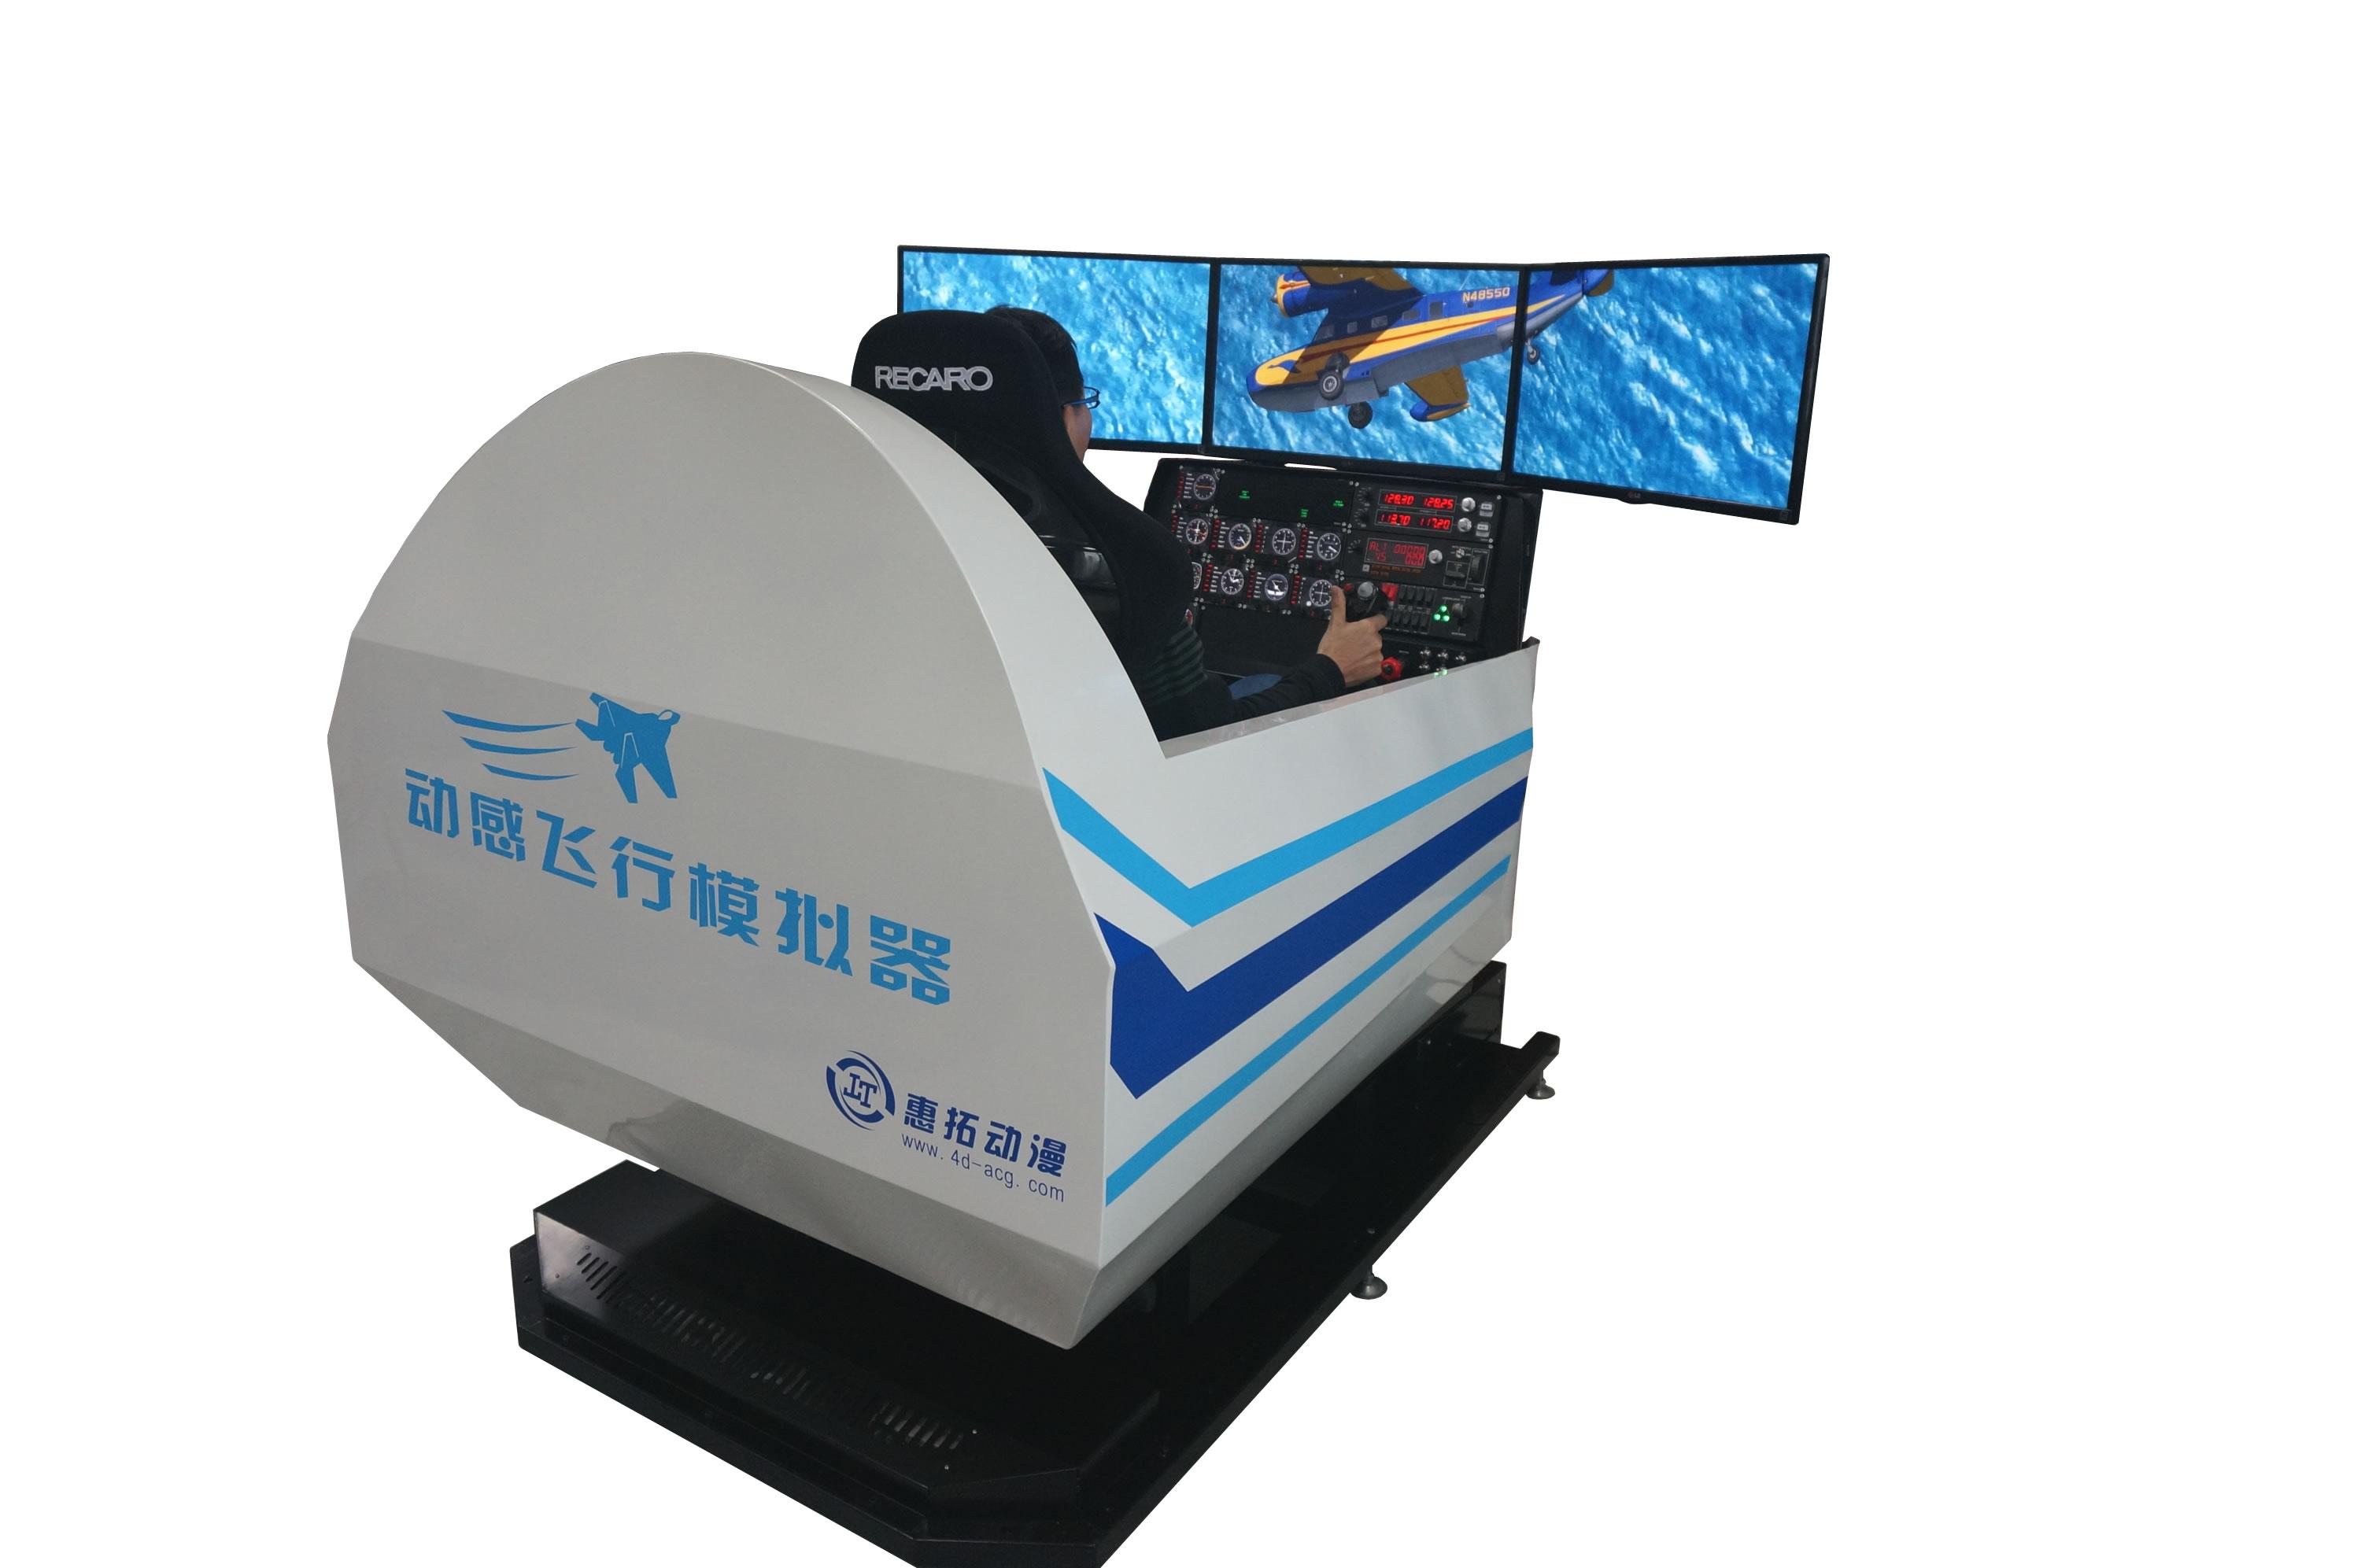 单座双屏全动感民航飞行模拟器 固定翼模拟飞行